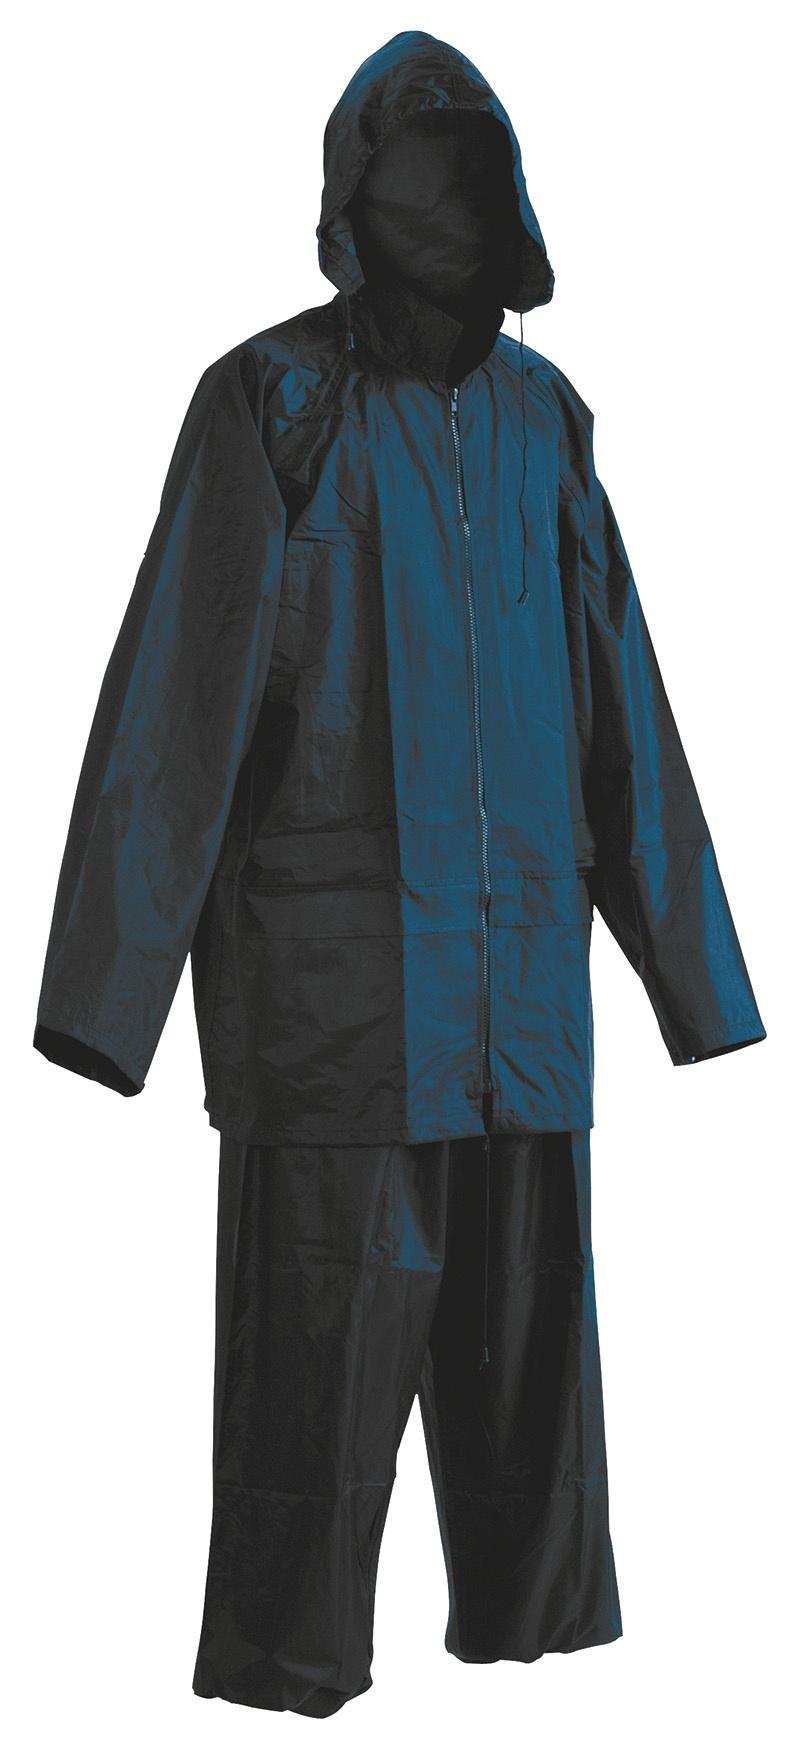 Spodnie i kurtka Carina, poliester, rozm. M, niebieskie, Zestaw przeciwdeszczowy, Ochrona indywidualna